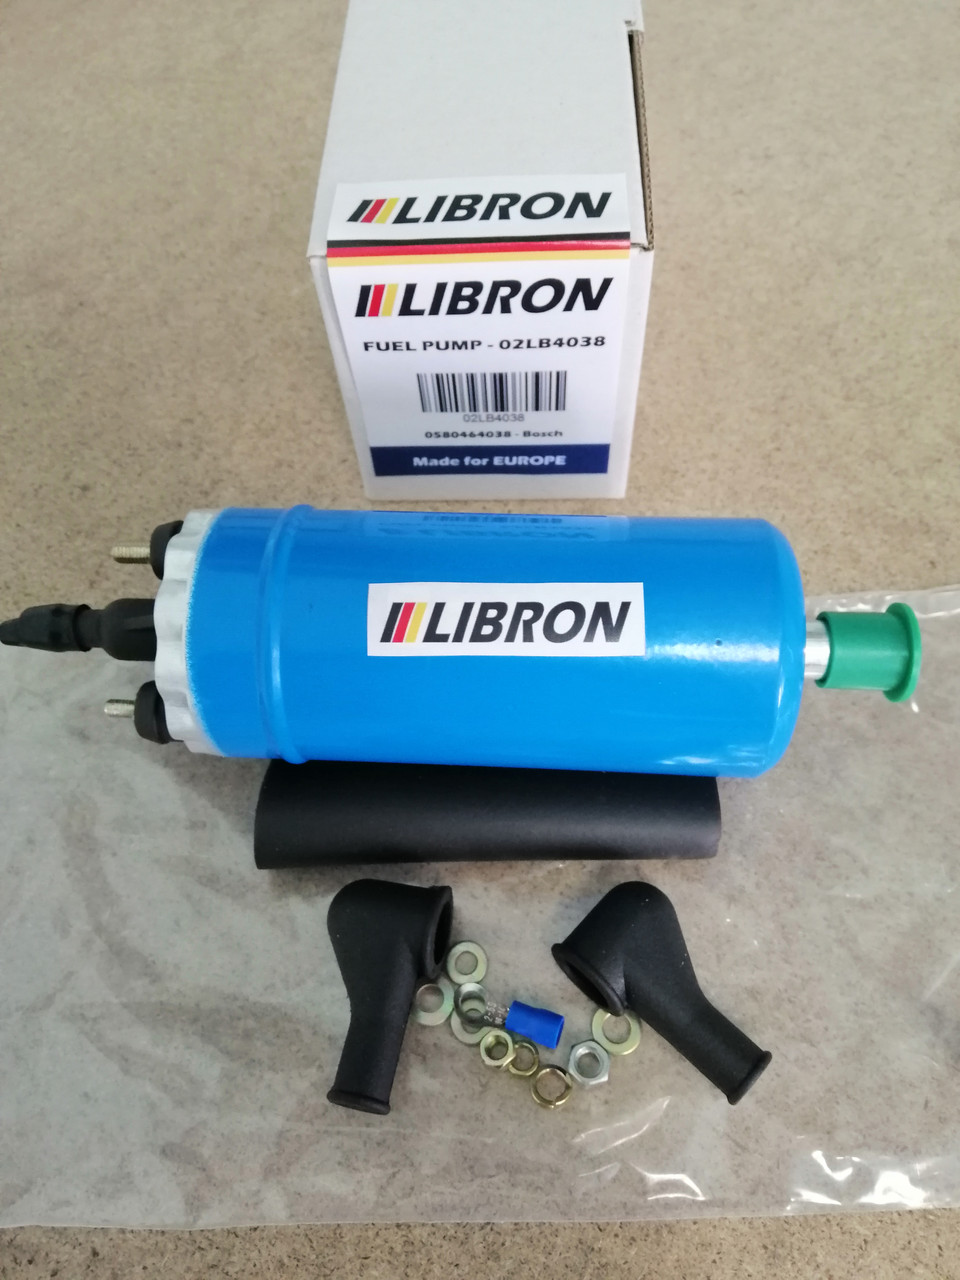 Топливный насос LIBRON 02LB4038 - OPEL VECTRA A (86_, 87_) 2000/GT 16V 4x4 KAT (1990-1995)